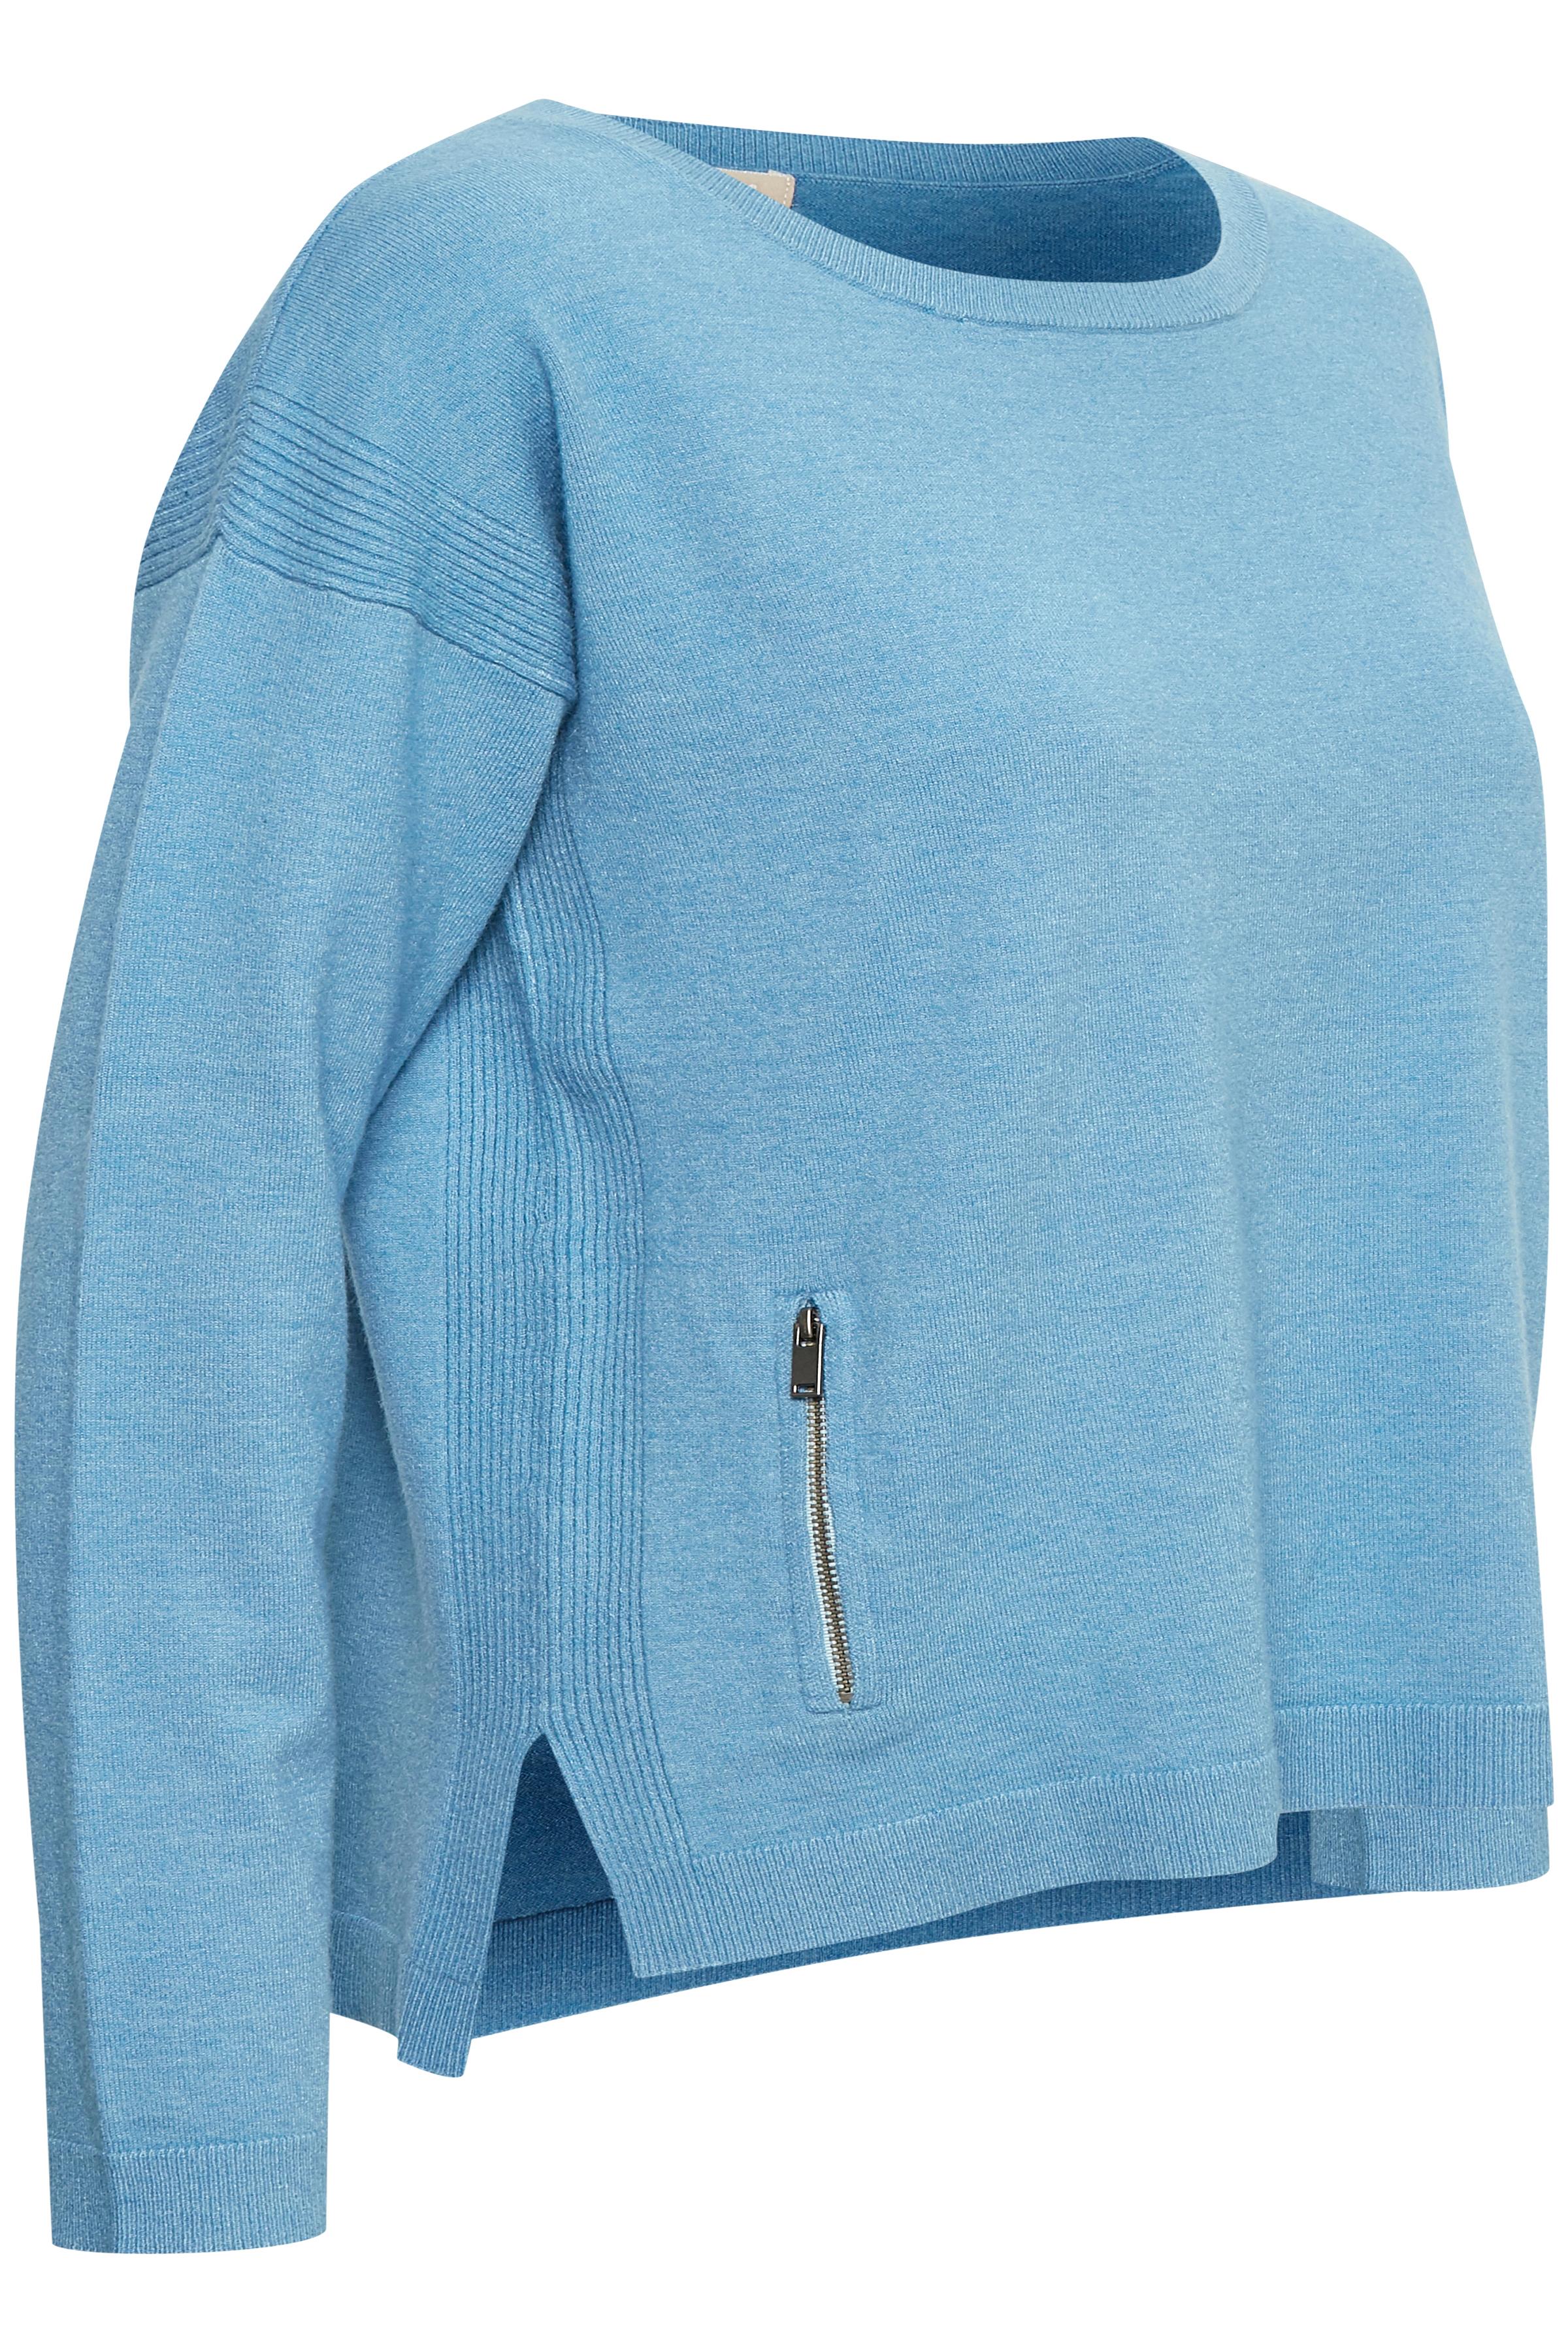 Ljusblå Stickad pullover från Bon'A Parte – Köp Ljusblå Stickad pullover från stl. S-2XL här